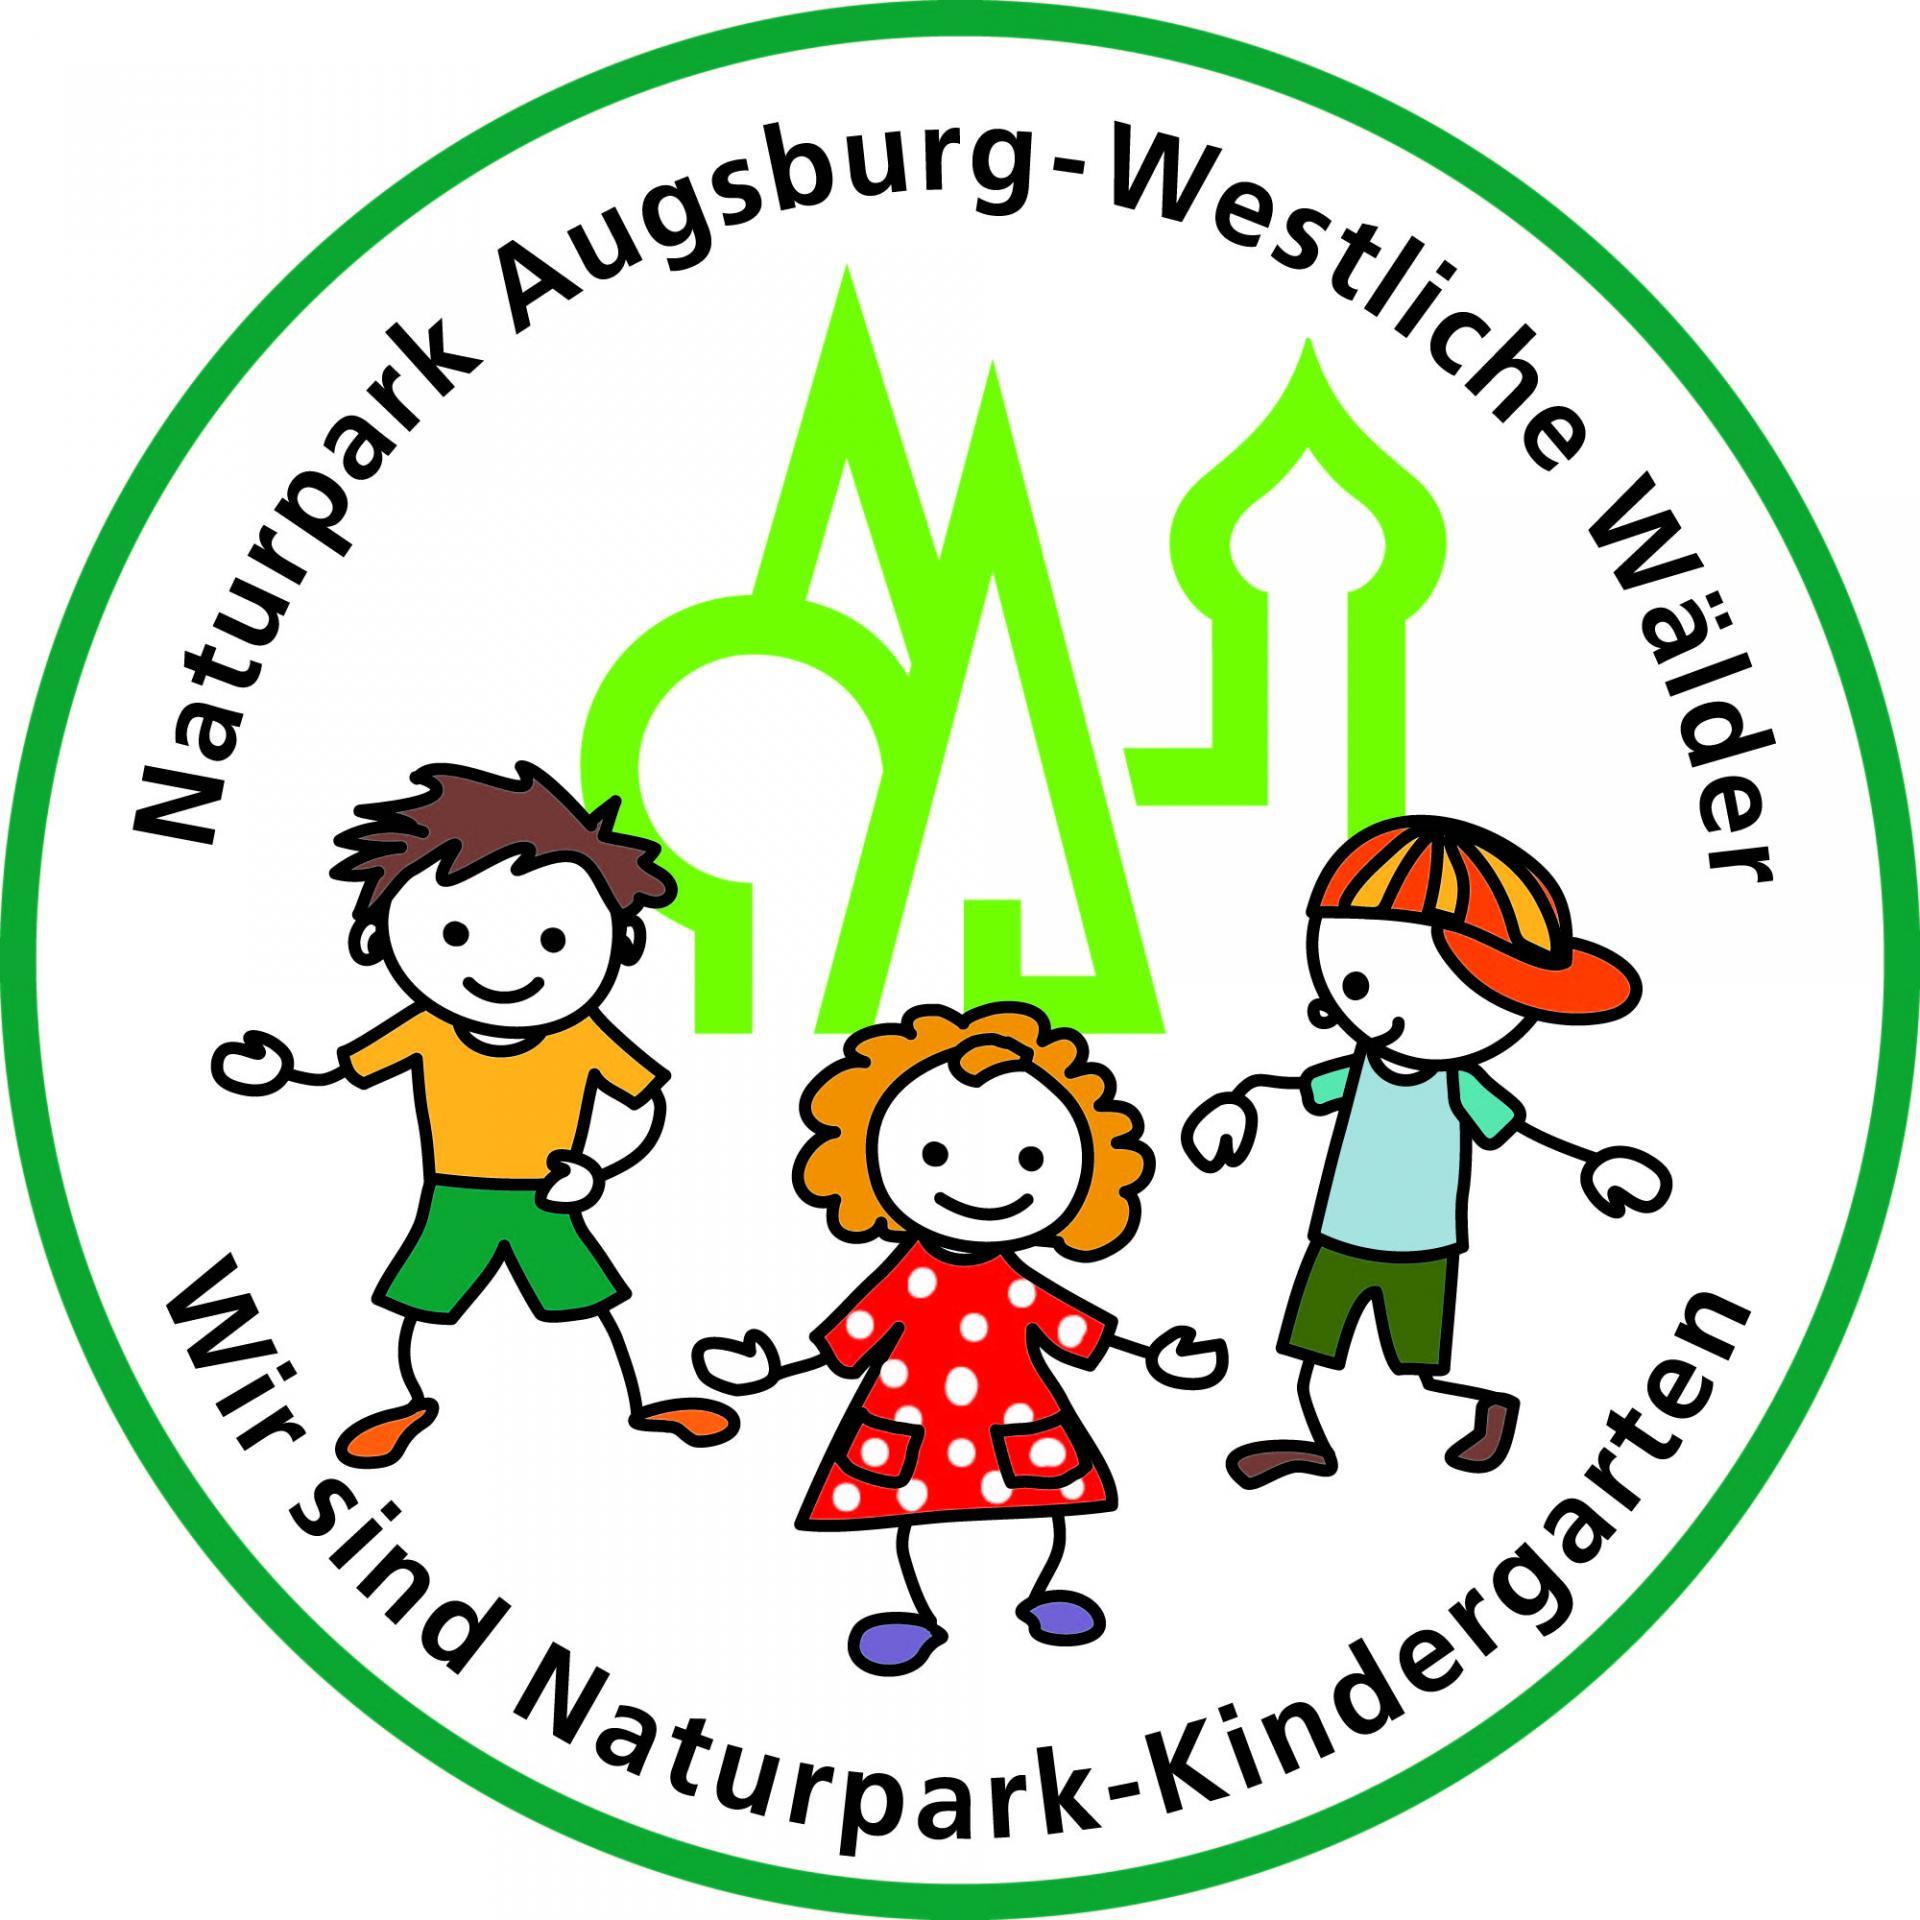 Wir sind ein Naturparkkindergarten!